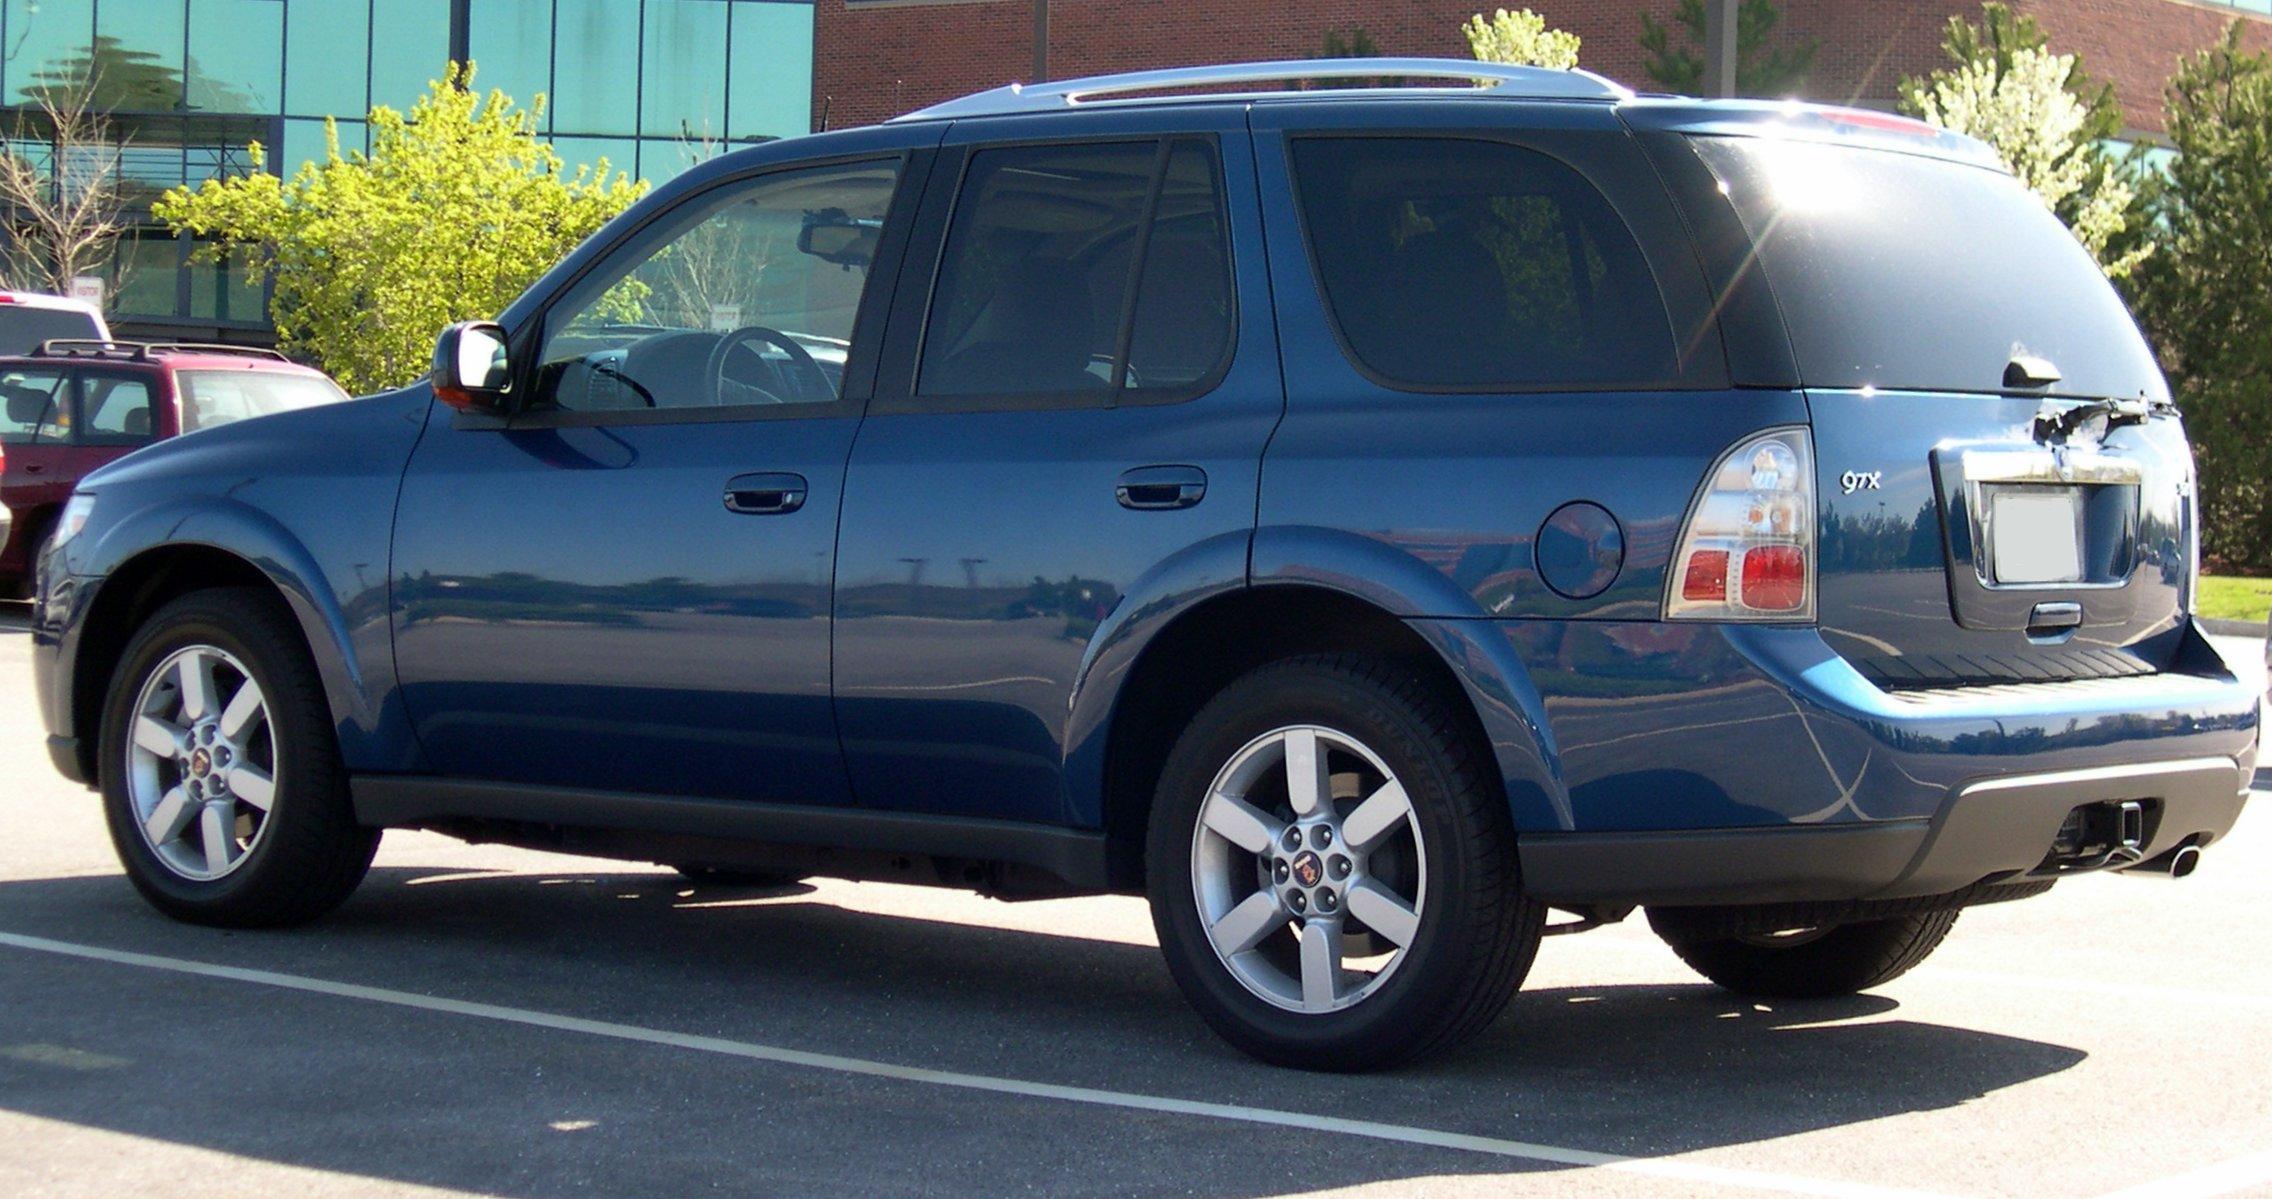 Fiche technique Saab 9 7x de 2006 à 2008